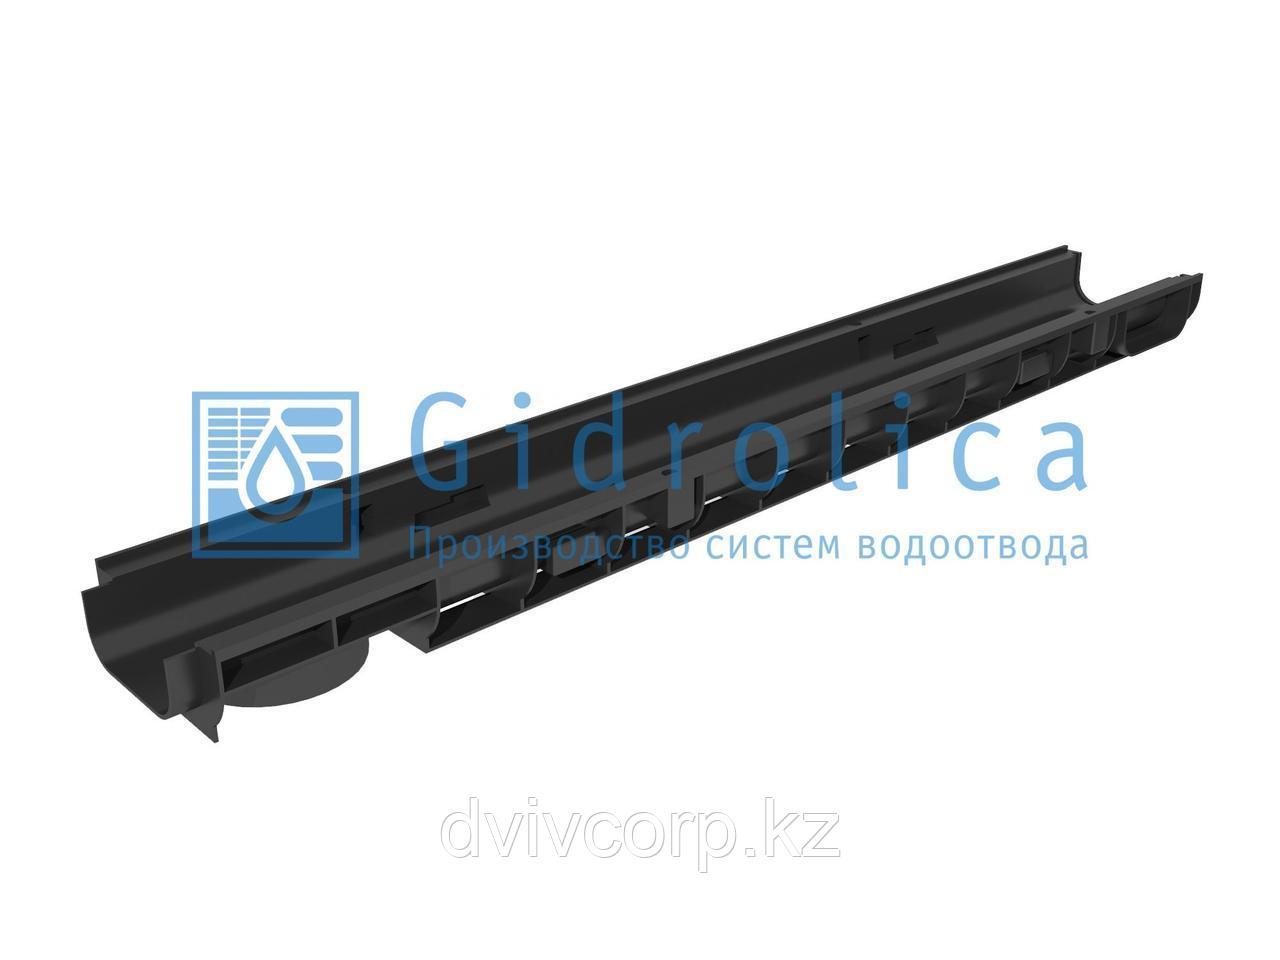 Арт. 805 Лоток водоотводный Gidrolica Standart ЛВ-10.14,5.06 - пластиковый